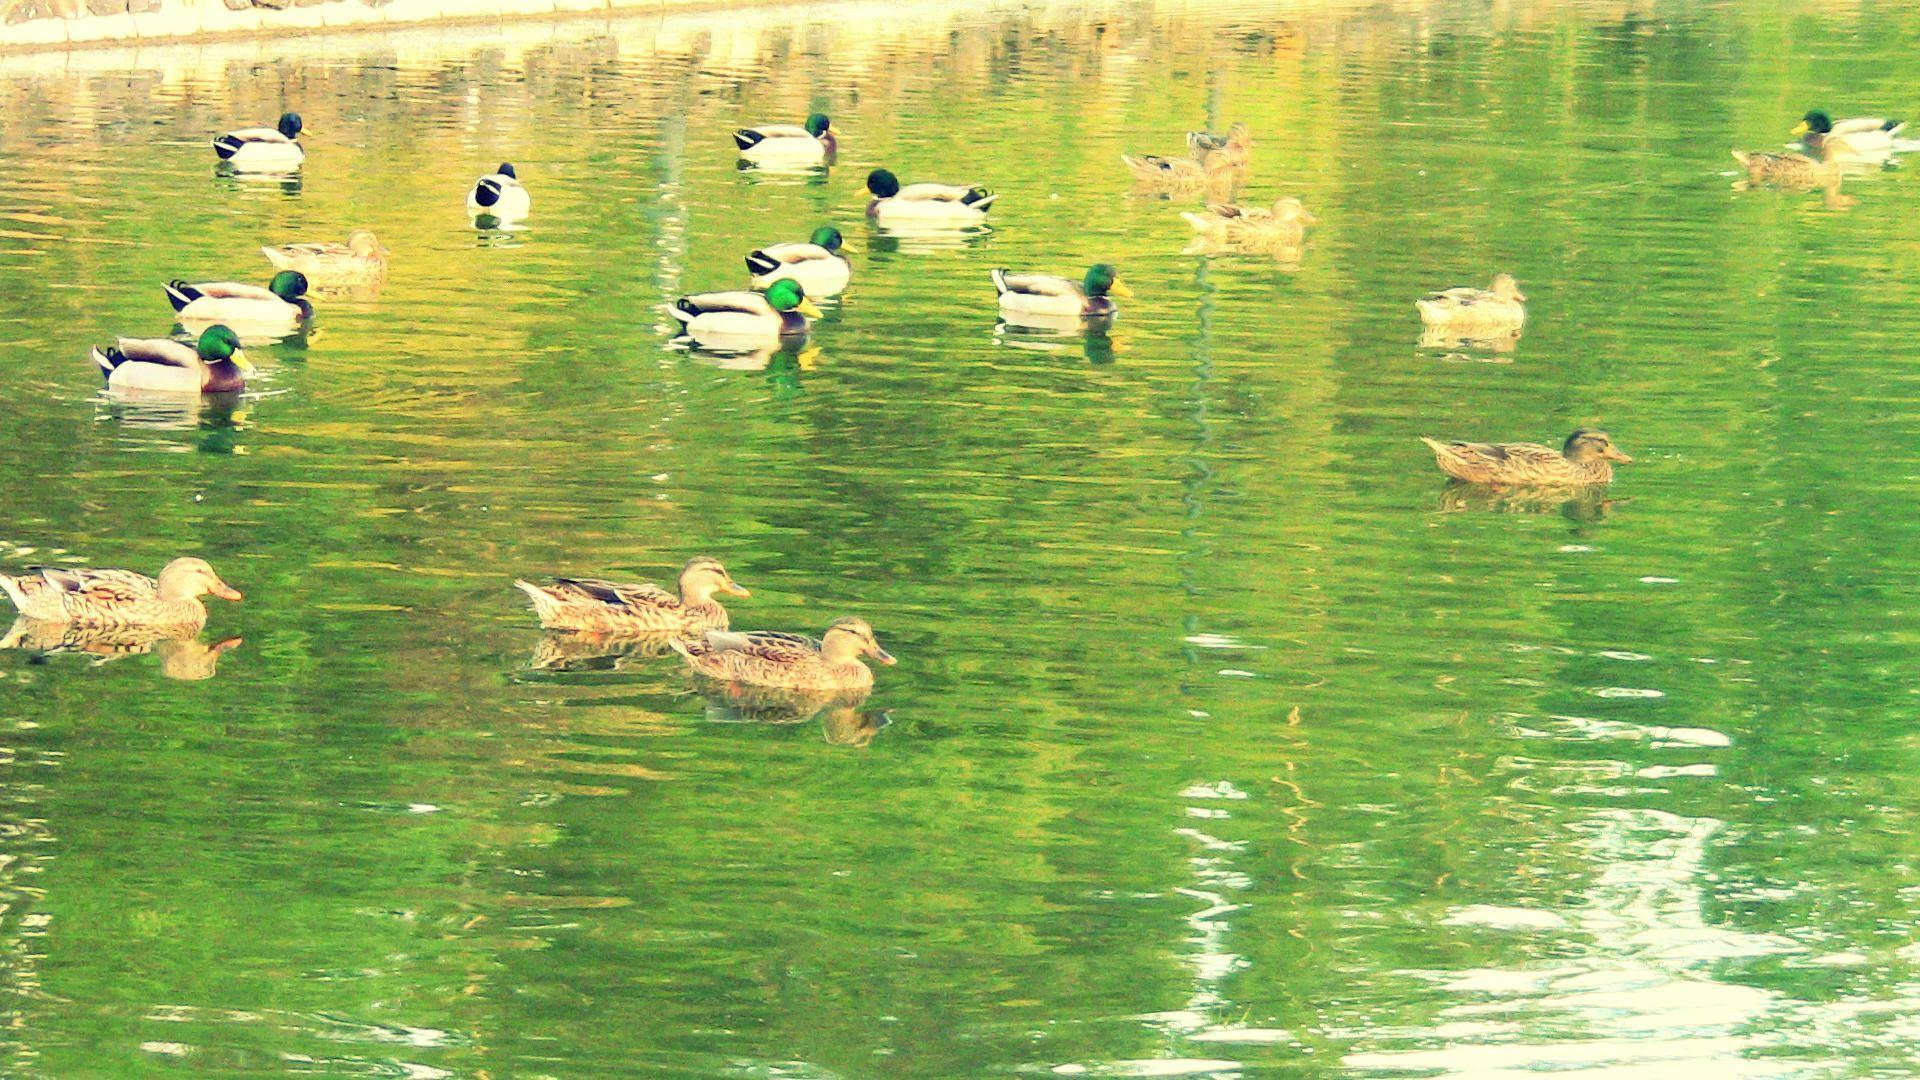 Reunião de patos